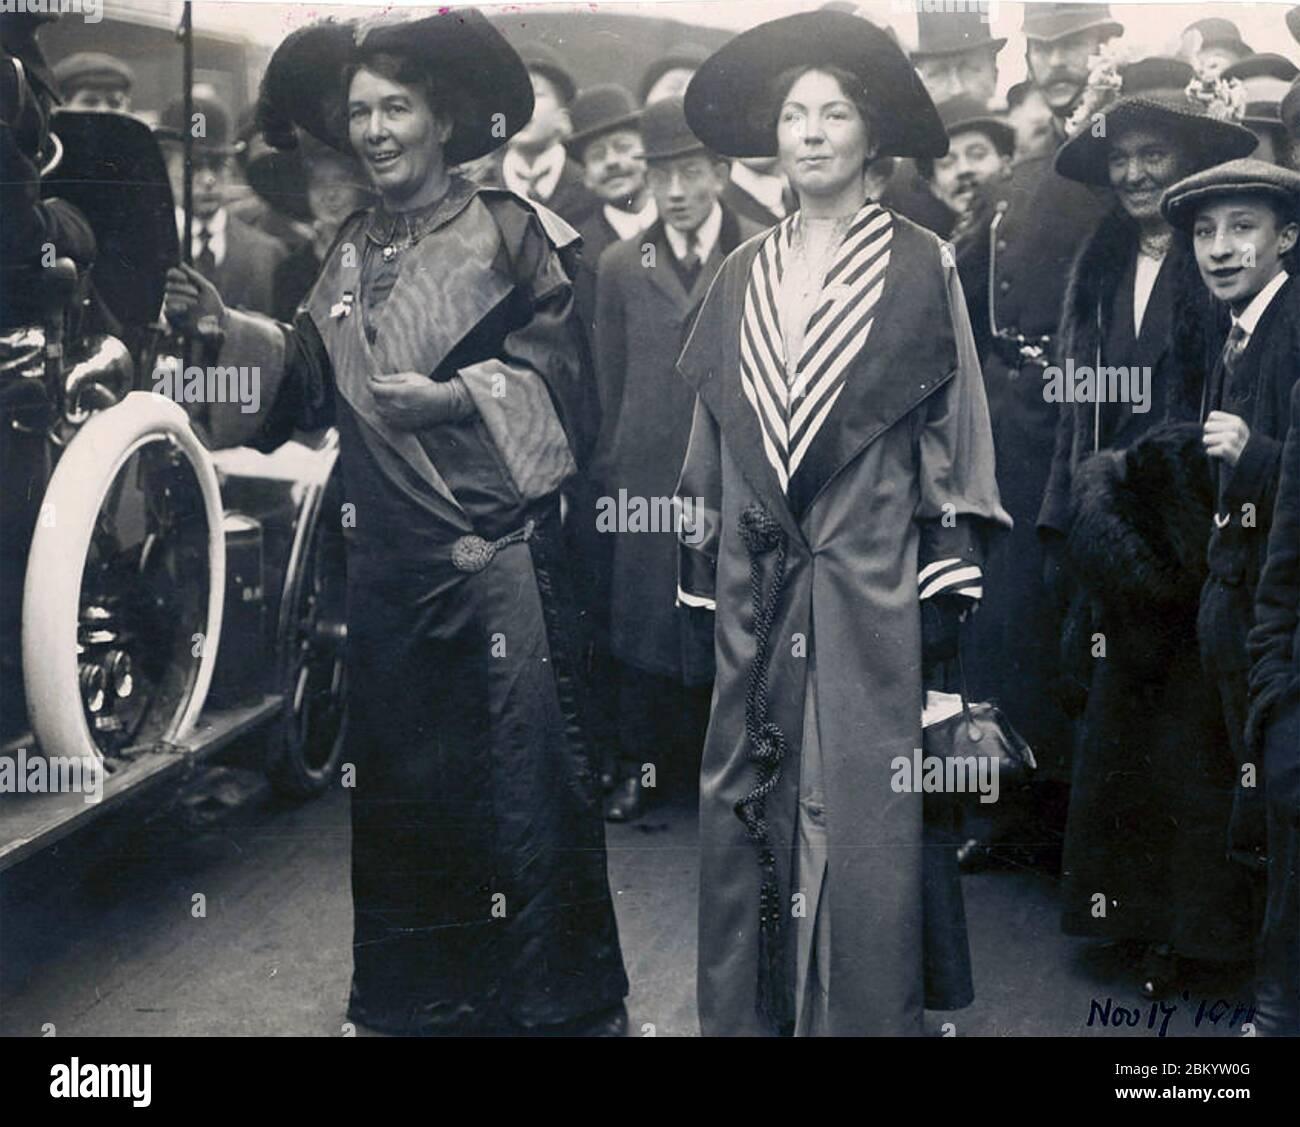 CHRISTABEL PANKHURST a la derecha con su madre Emmeline. La foto de los dirigentes sufragáneos data del 17 de noviembre de 1911. Foto de stock